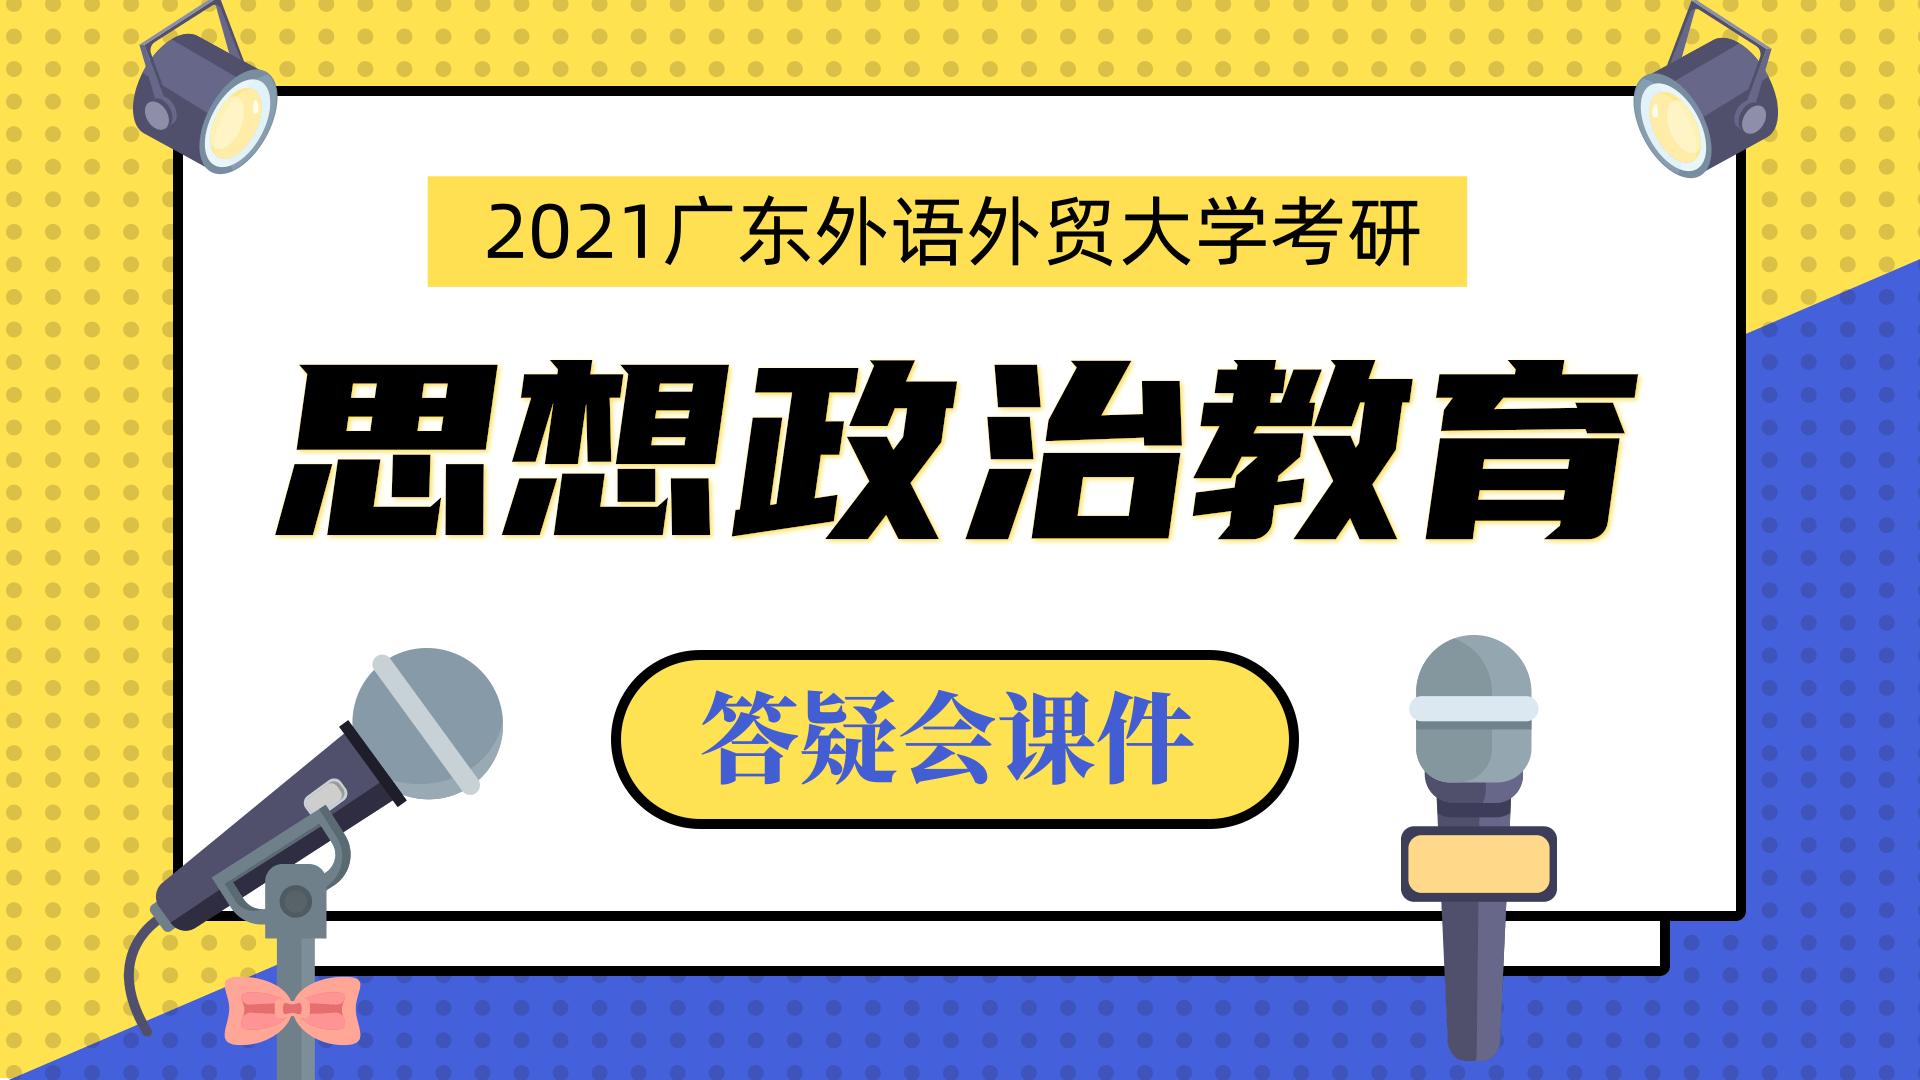 2021广东外语外贸大学思想政治教育考研主题答疑会(主题一)